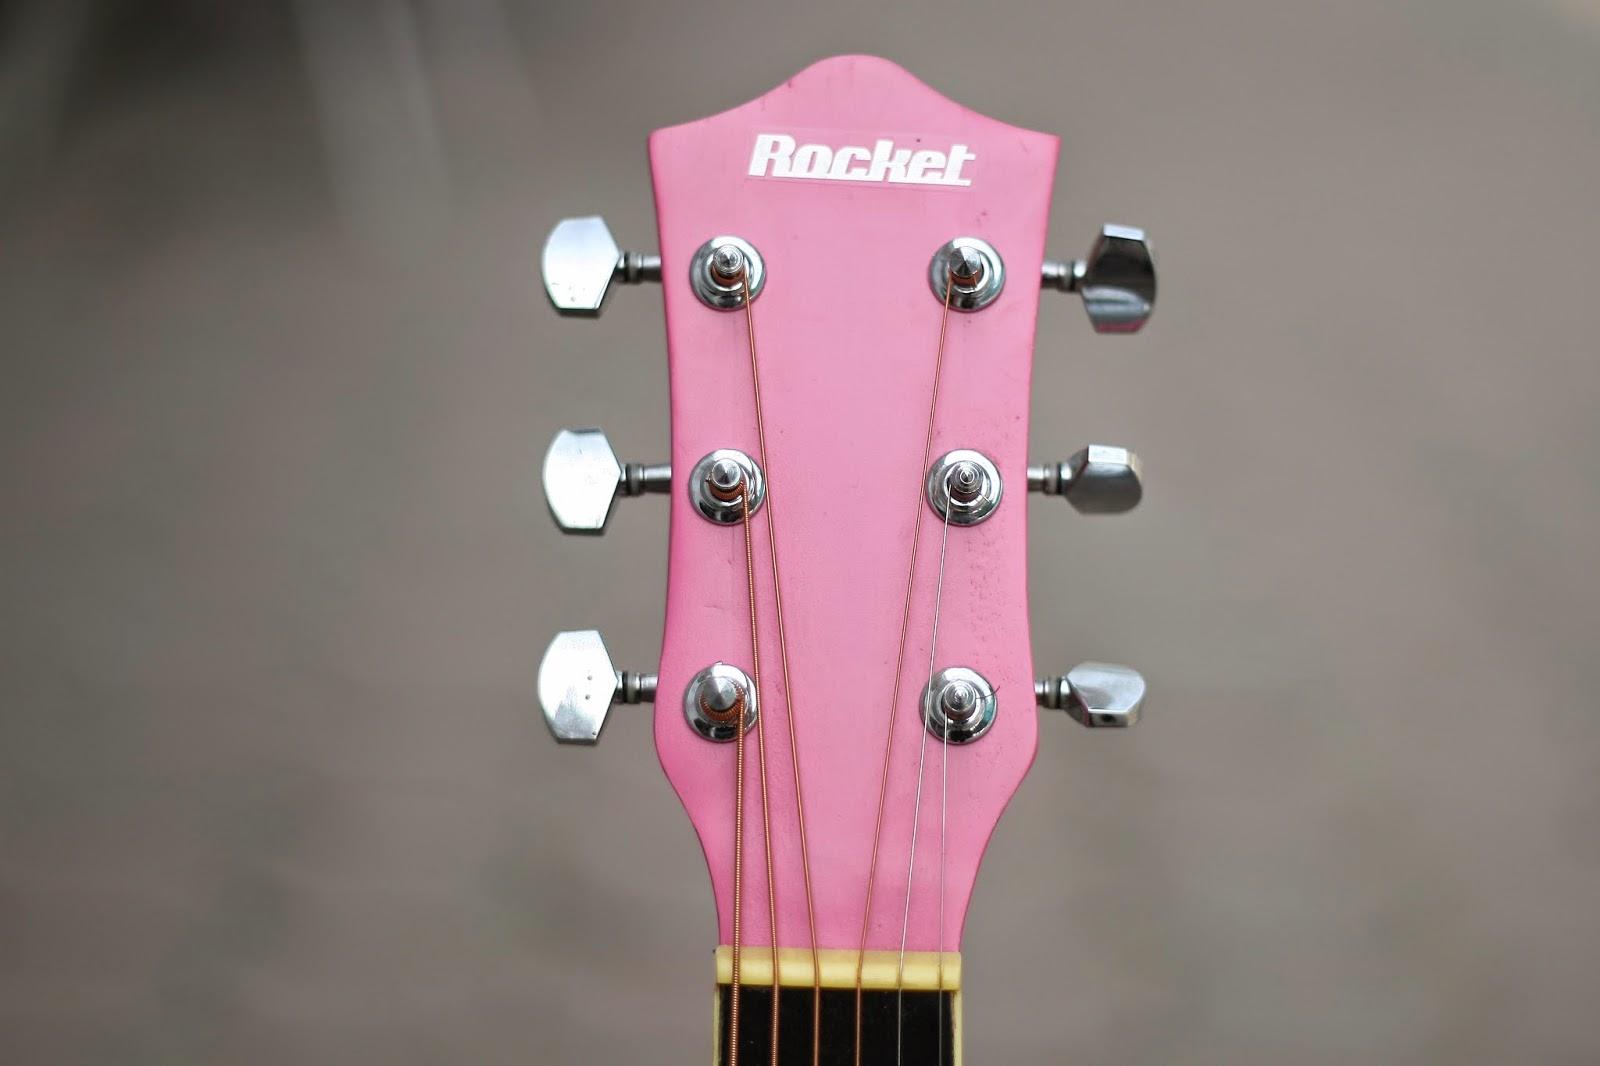 guitar sơn màu hồng